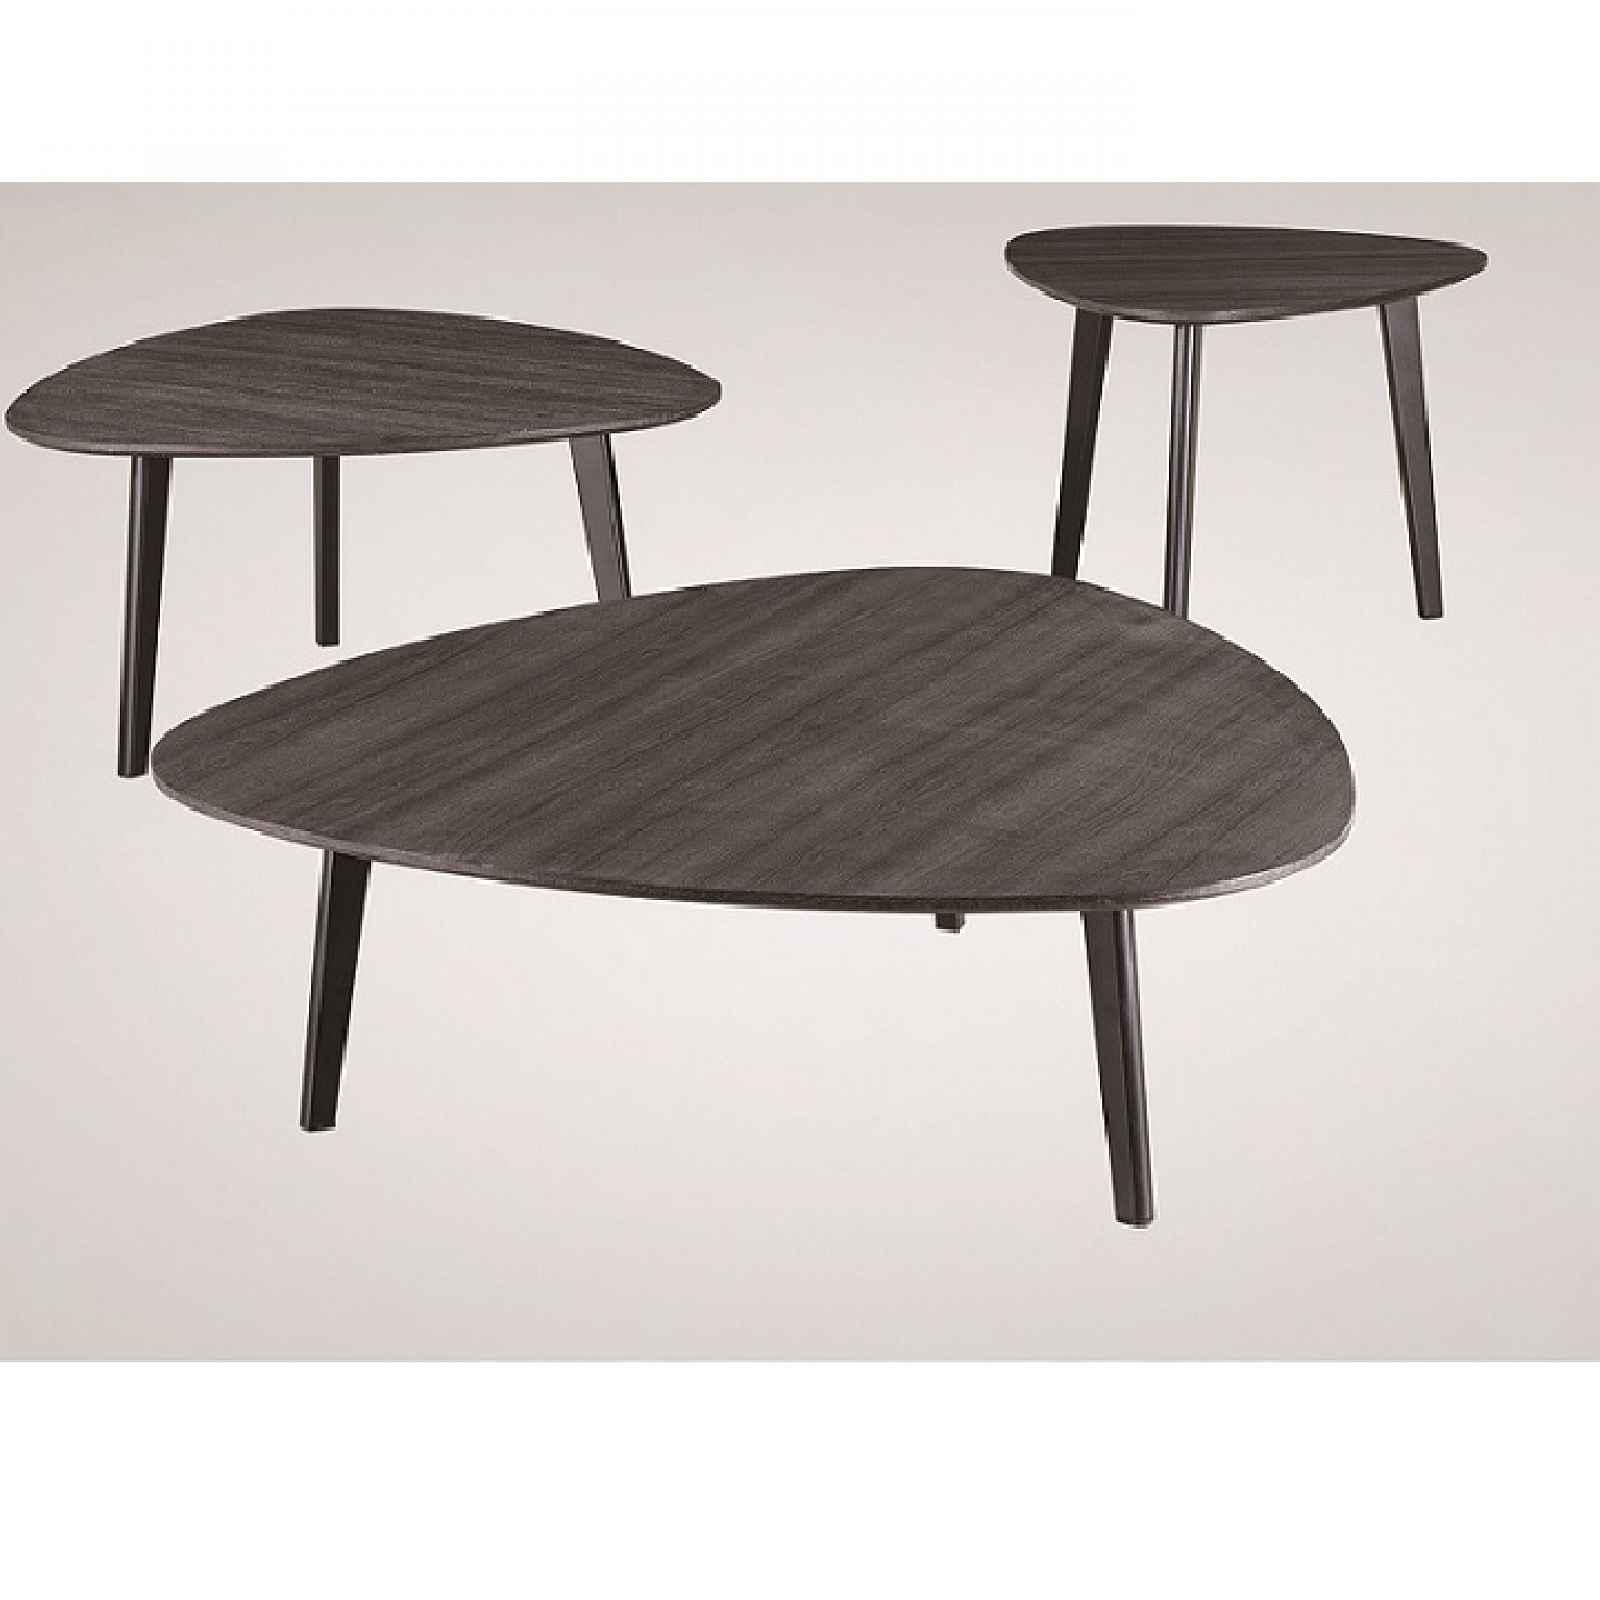 Sada 3 konferenčních stolků LADON šedé dřevo/ kov Tempo Kondela